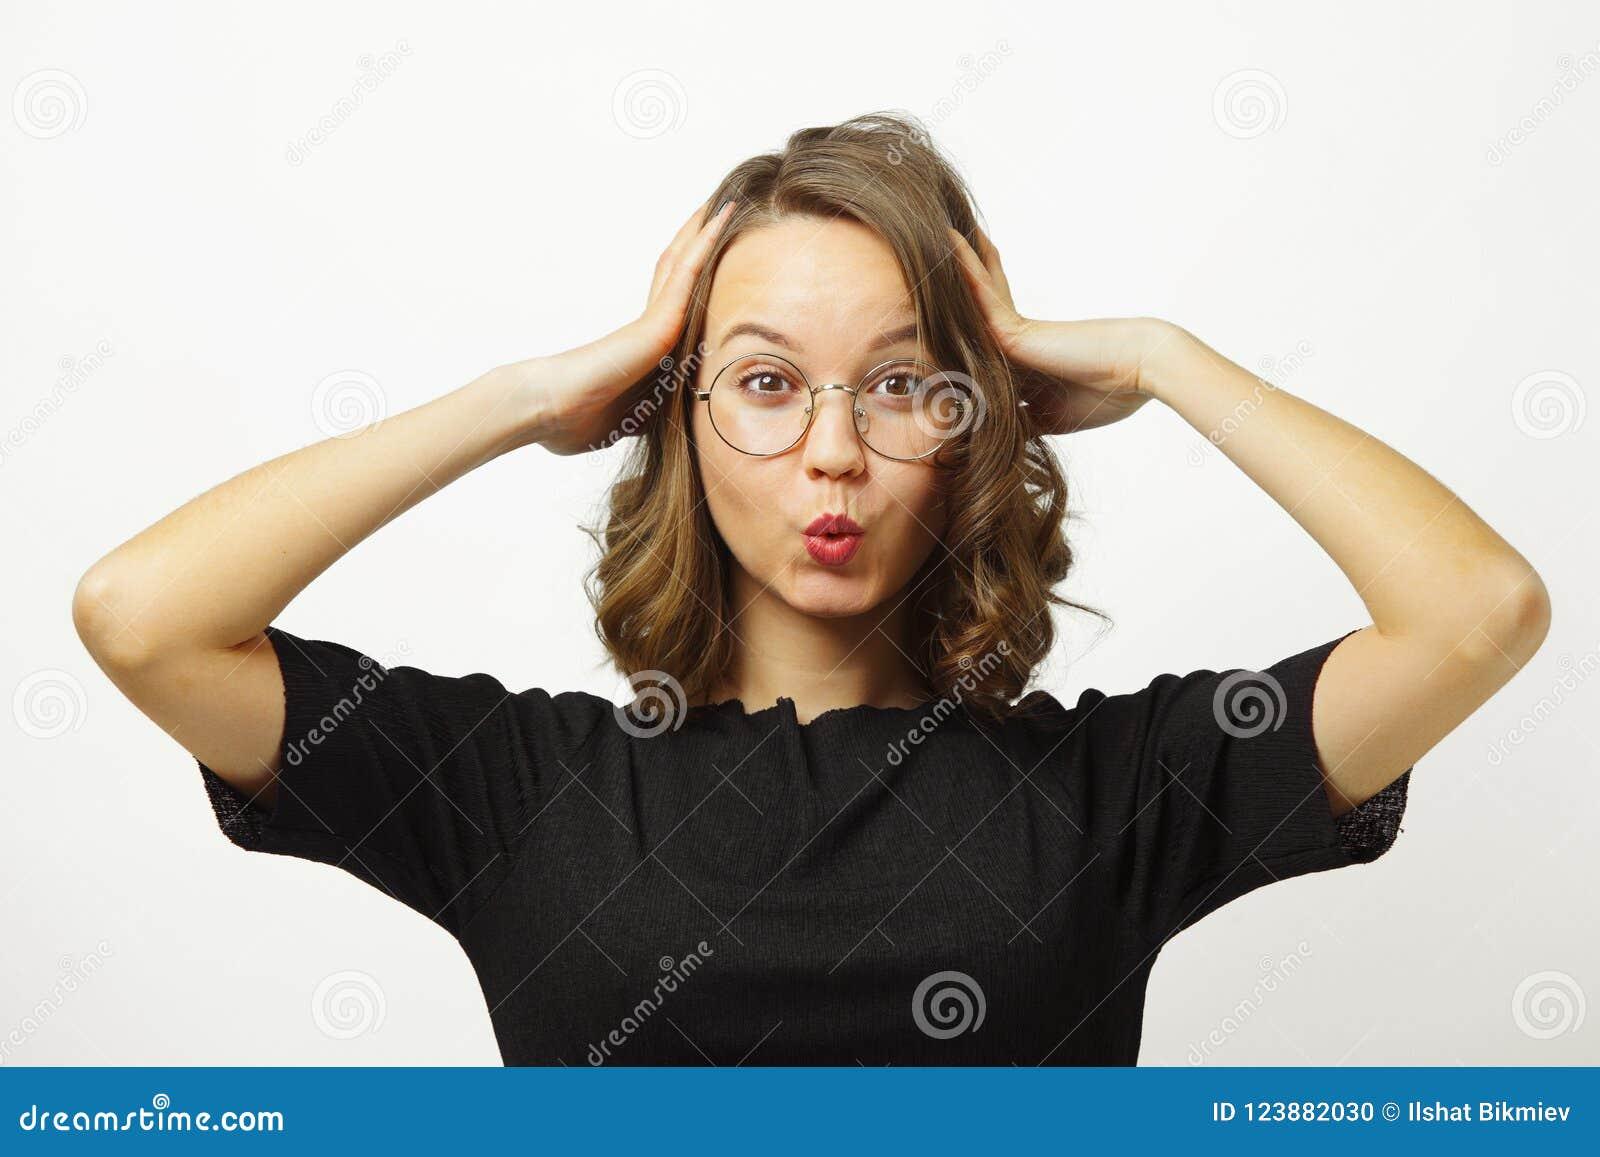 La mujer emocional en choque pone sus manos para dirigir, tira de los labios con el tubo, los ojos abiertos de par en par, sorpre